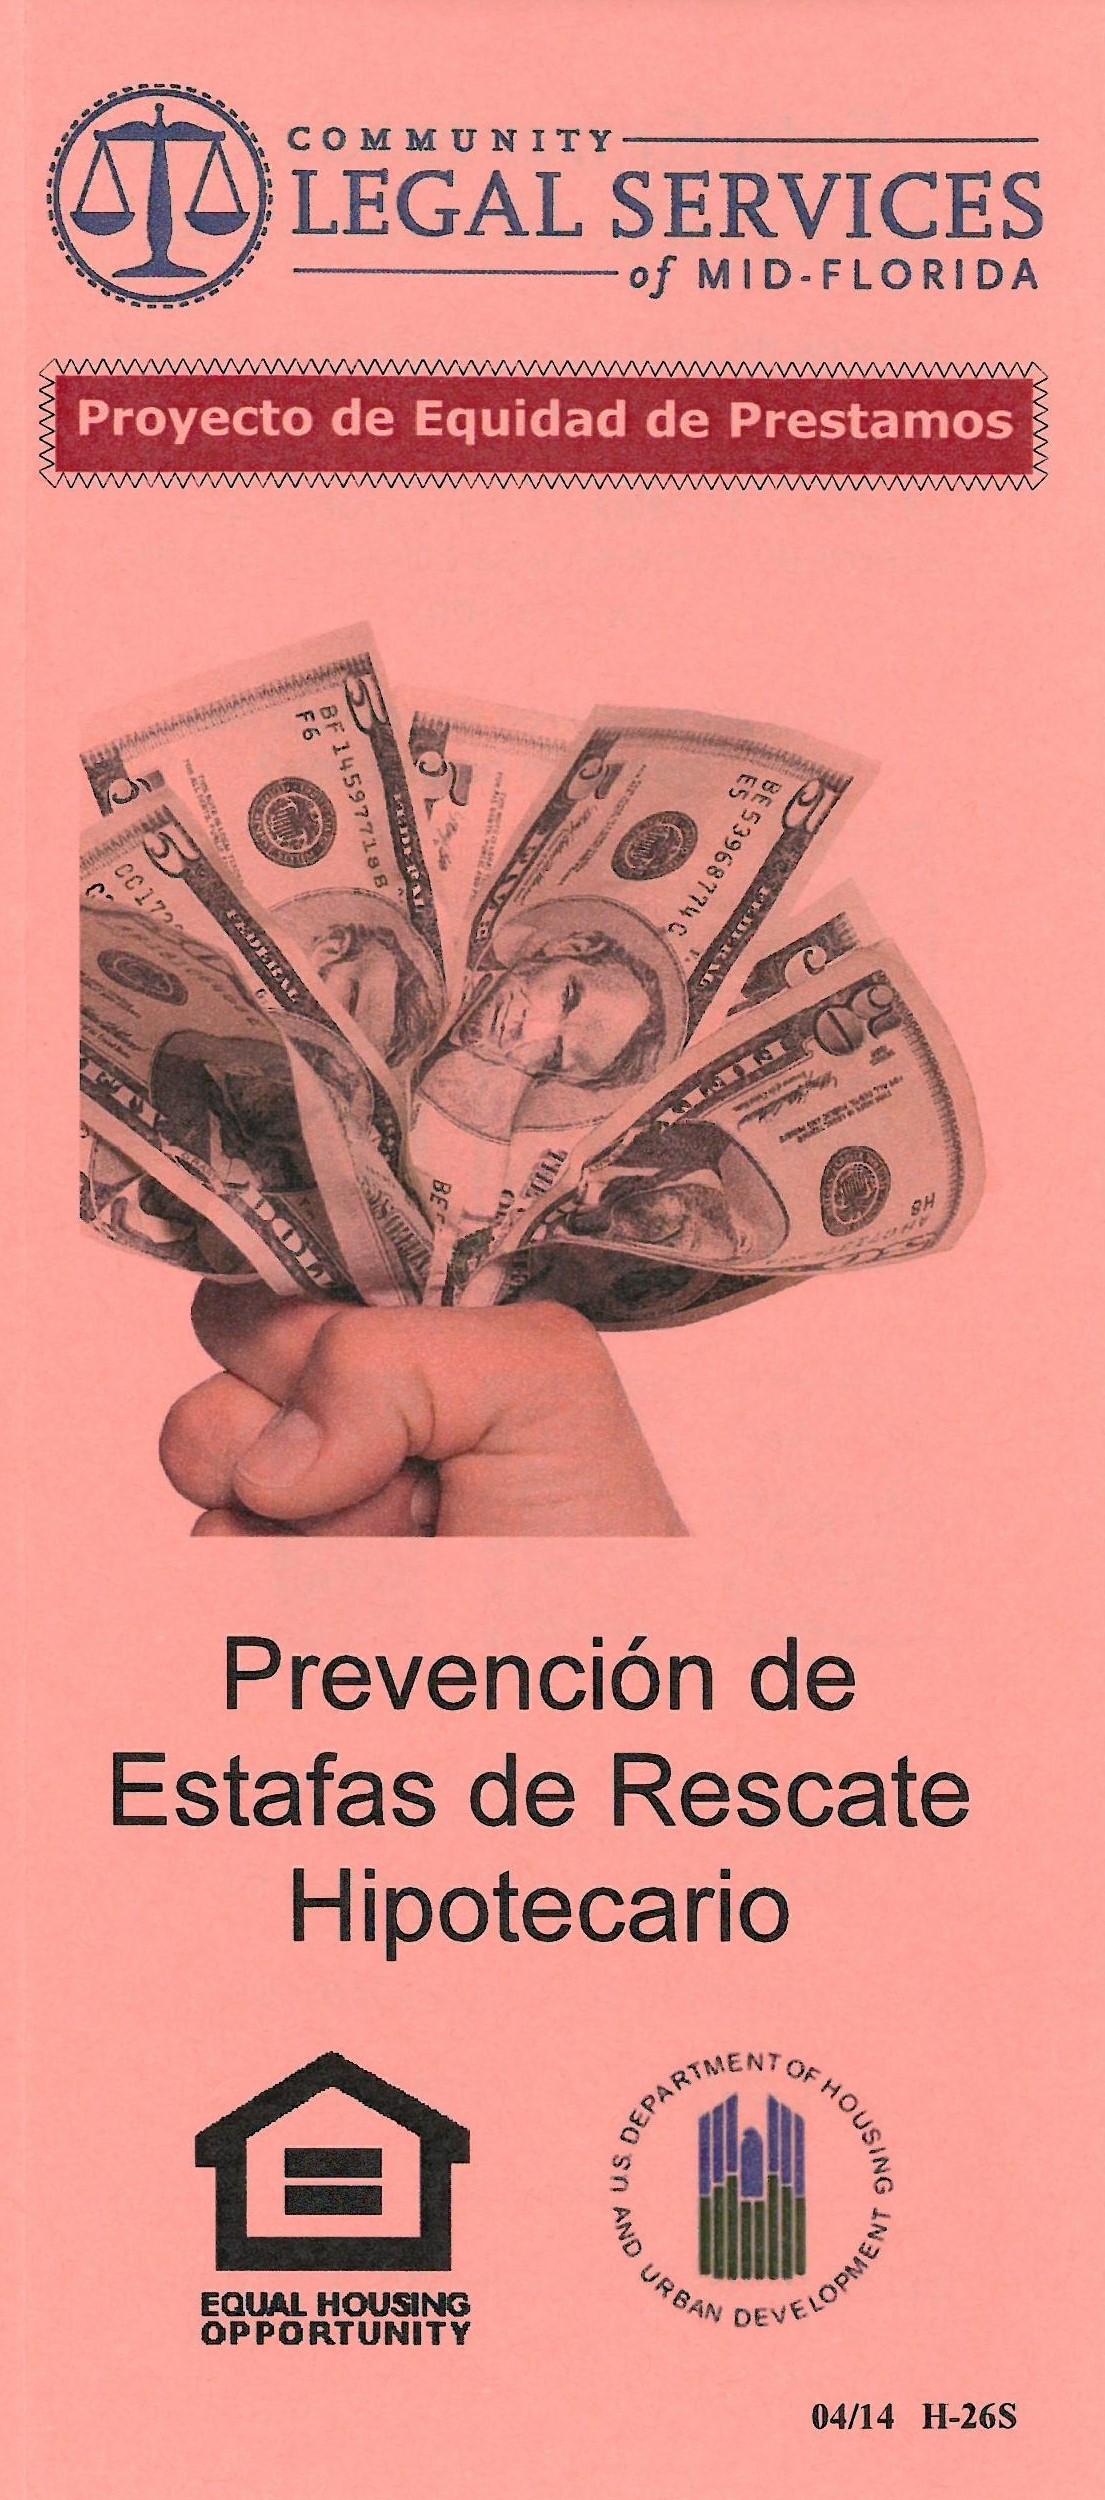 Prevencion de Estafas de Rescate Hipotecario